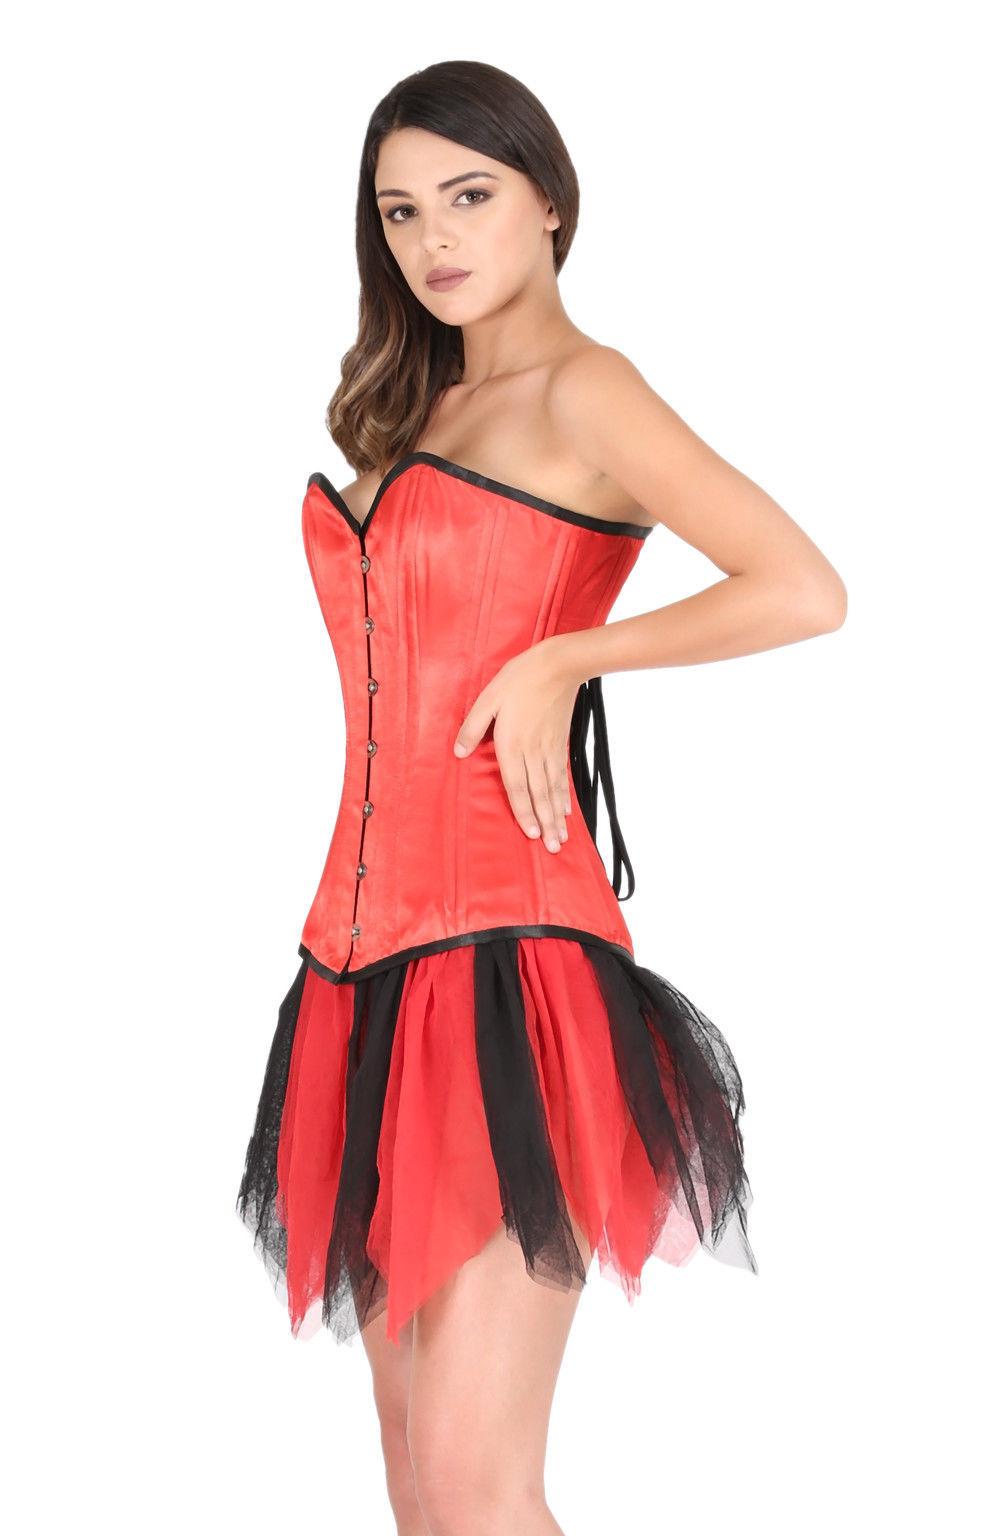 Red Satin Double Bone Goth Burlesque Bustier Net Tutu Skirt Overbust Corset Top